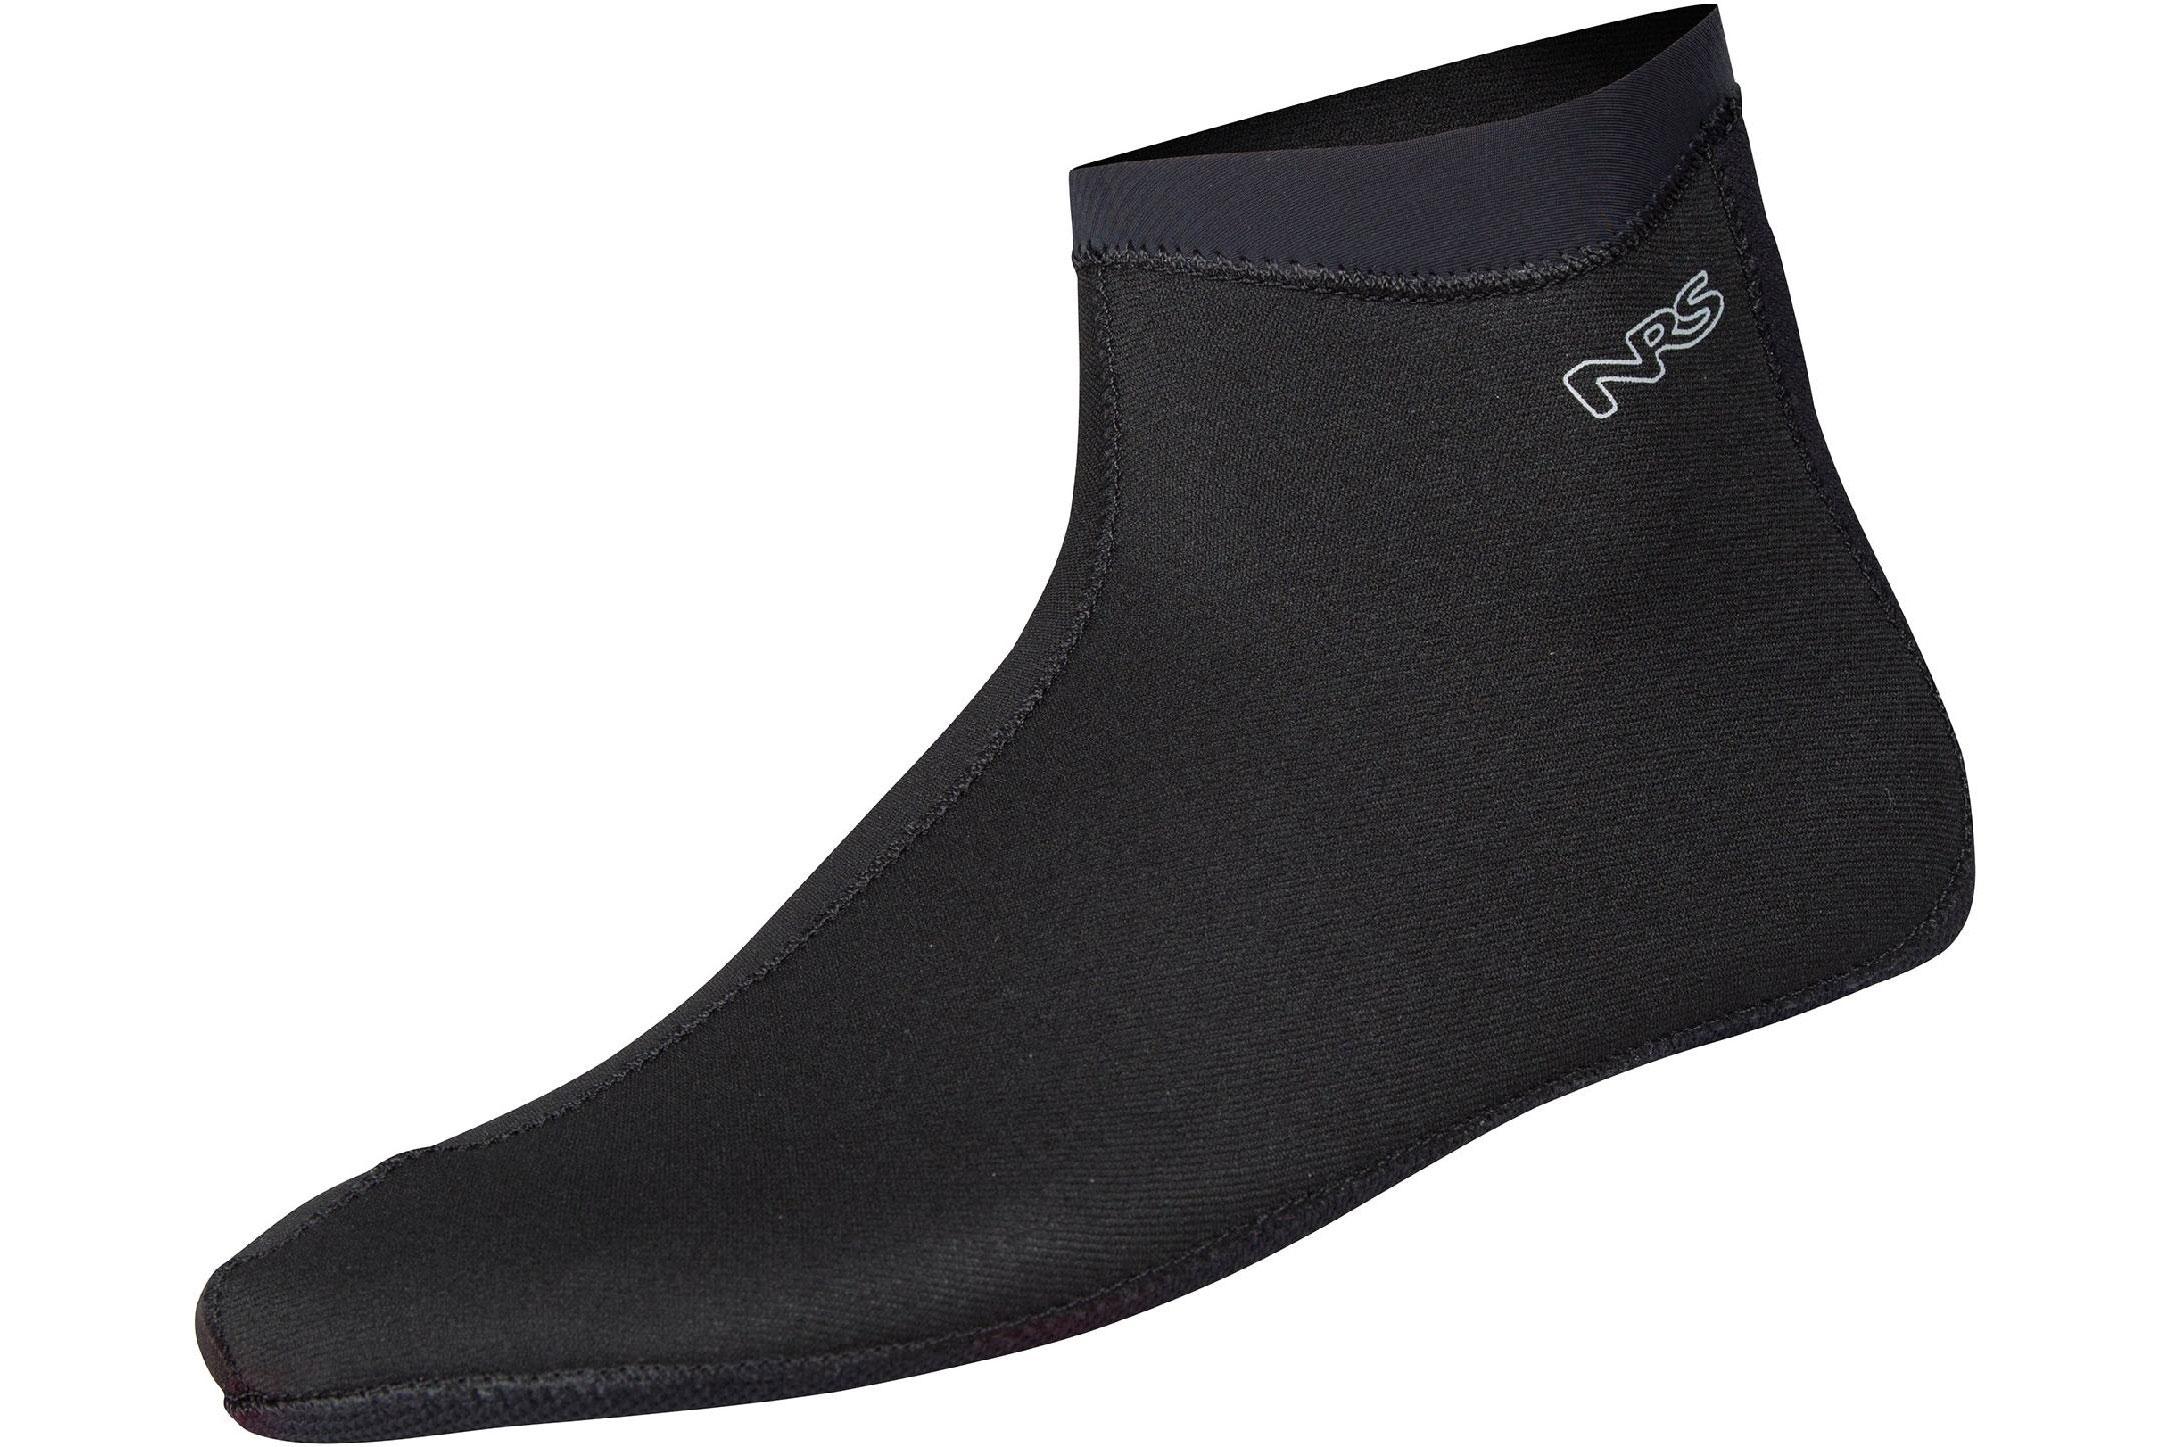 NRS neoprene socks